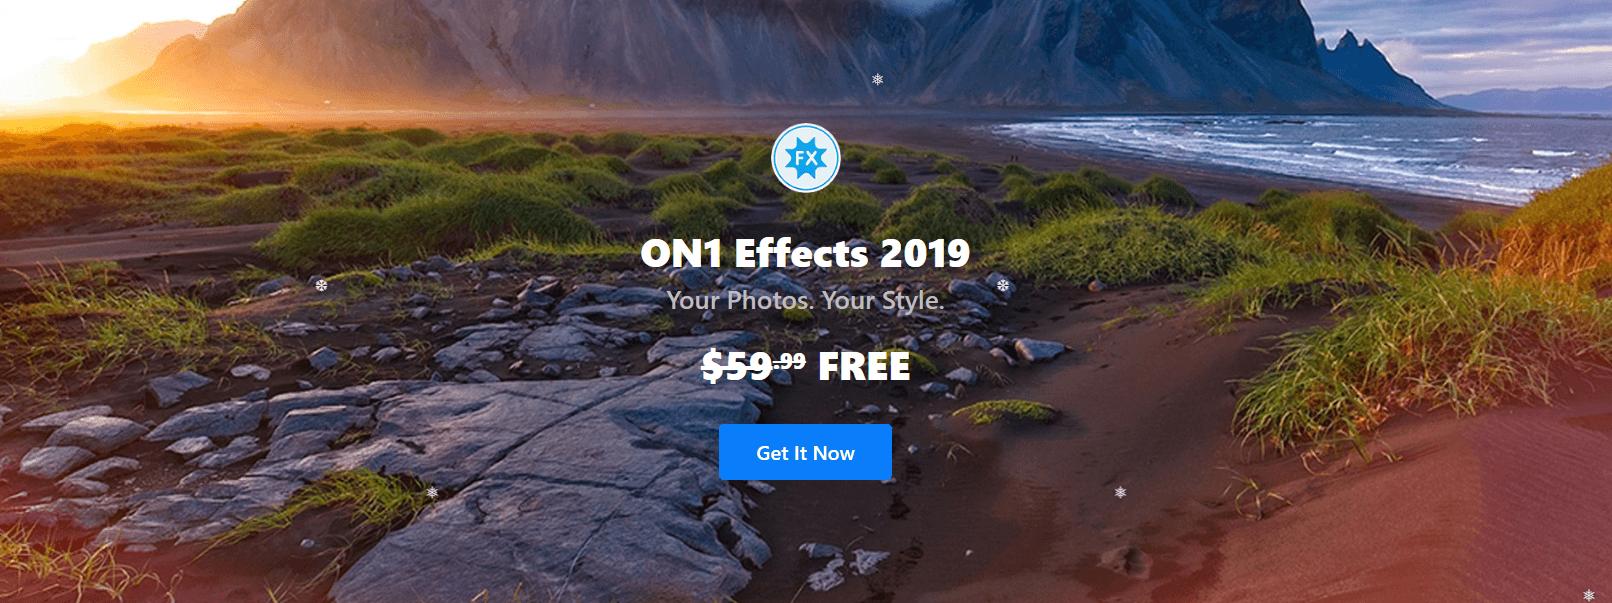 ON1 Effects 2019 | Program pentru editarea fotografiilor și pozelor (win&mac), acum gratuit 1